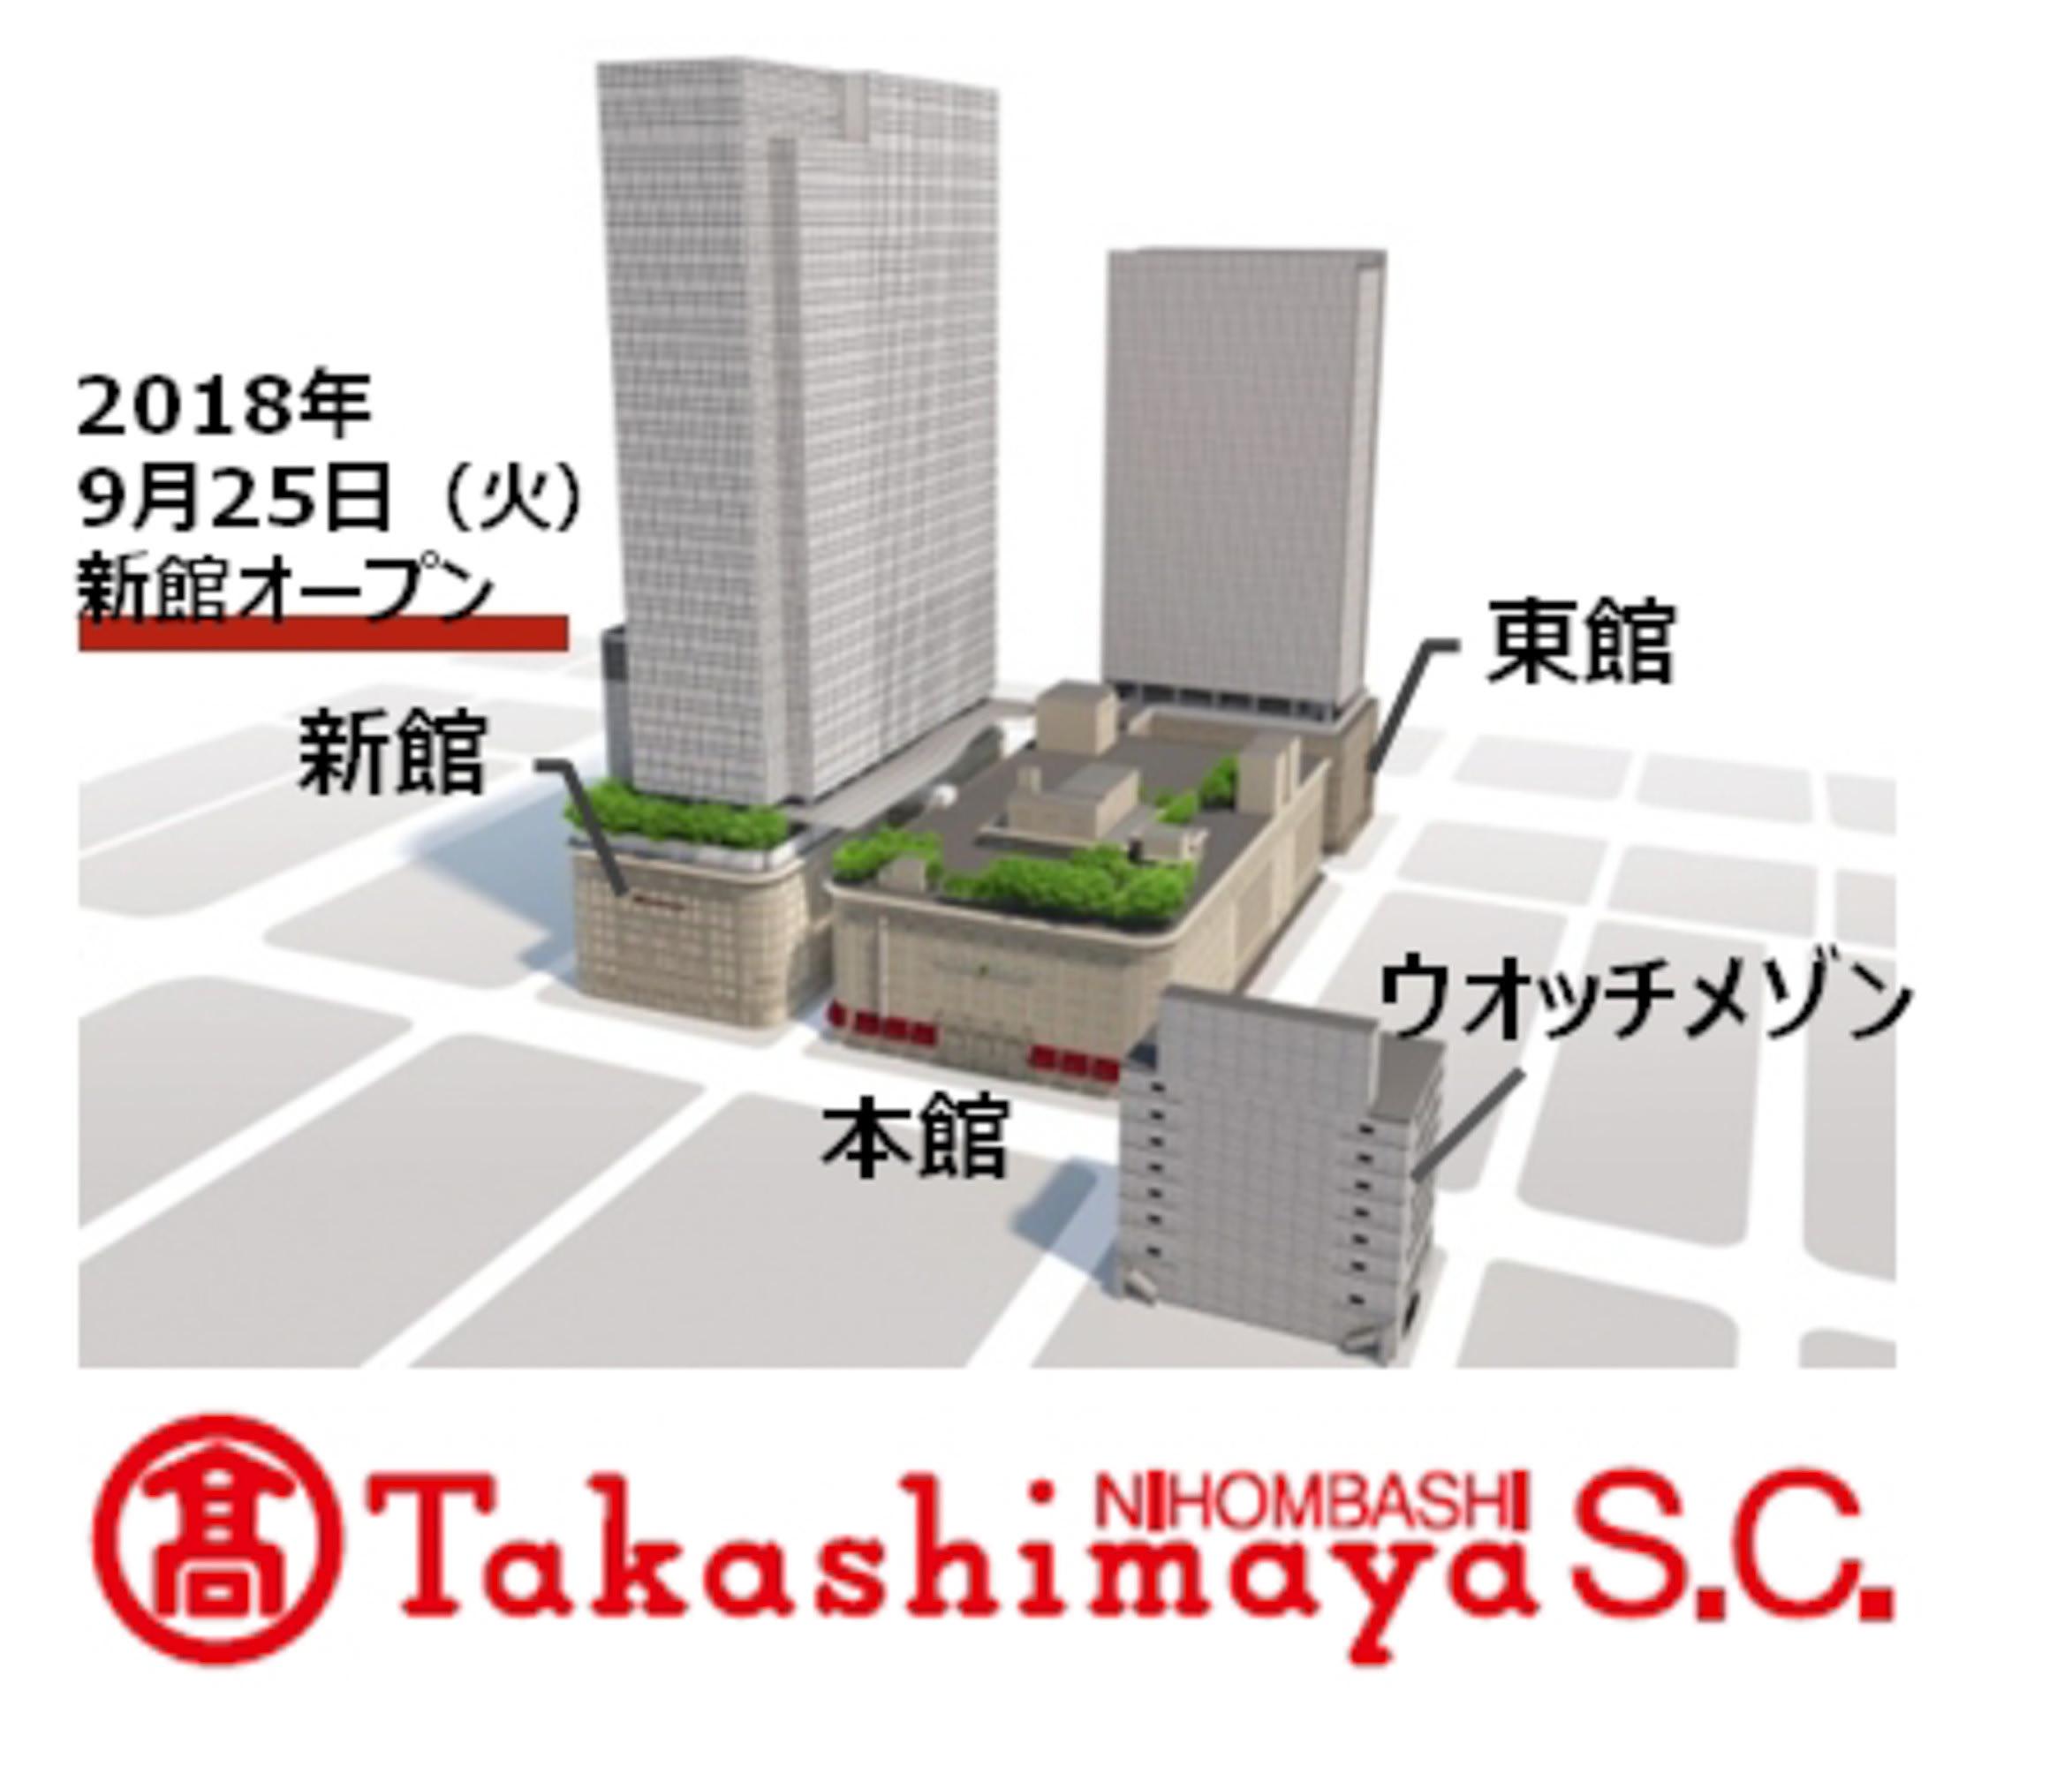 34dae845fa4b 髙島屋が、百貨店を核とした大型の都市型ショッピングセンター「日本橋髙島屋S.C.」を9月25日に開業することを発表した。